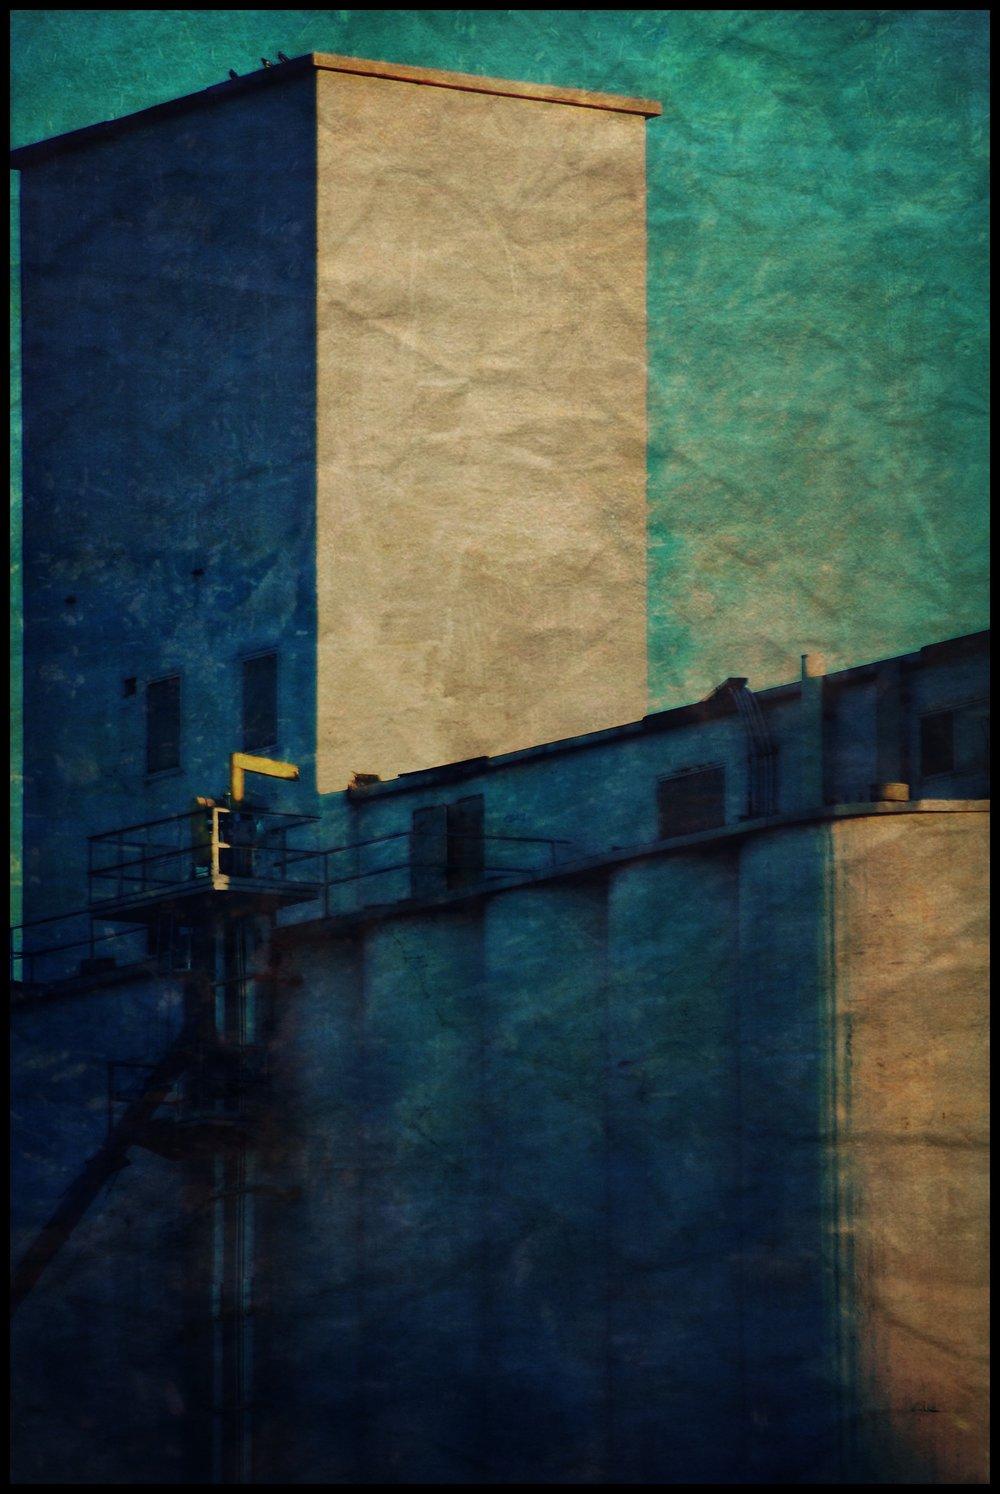 Blue Sky Silo, Susan McClory. 2016